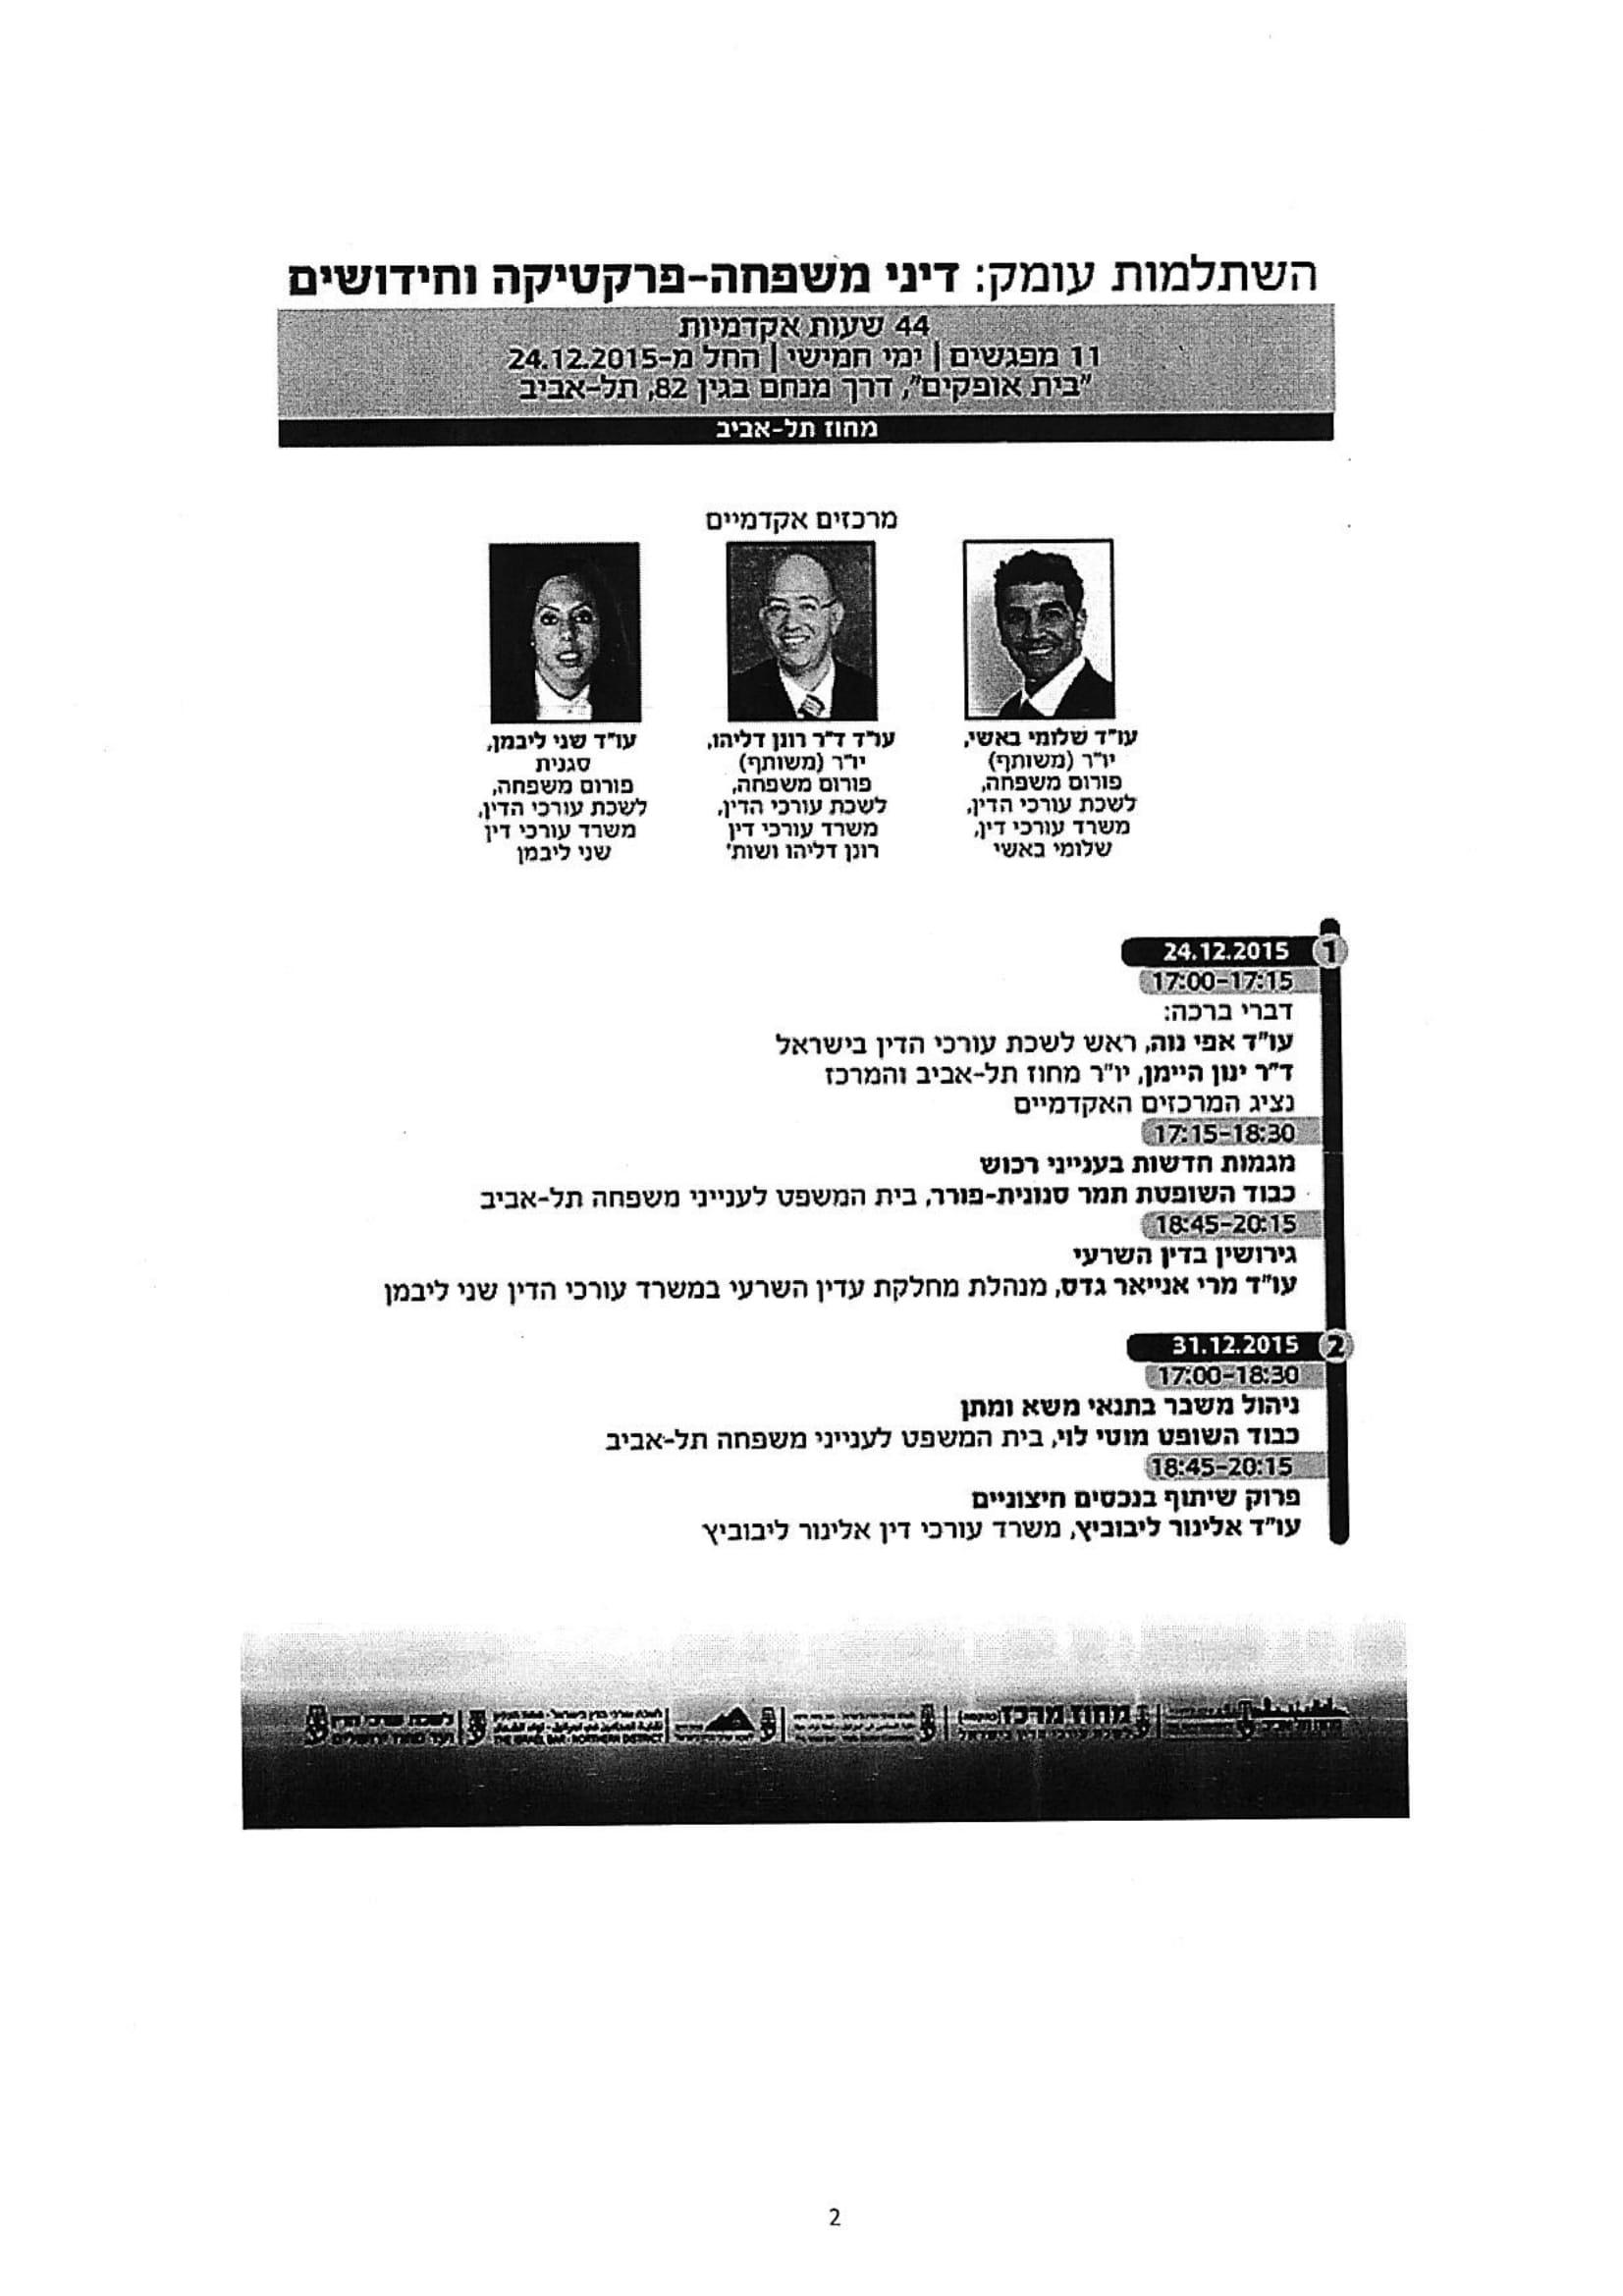 לשכת עורכי הדין 2015